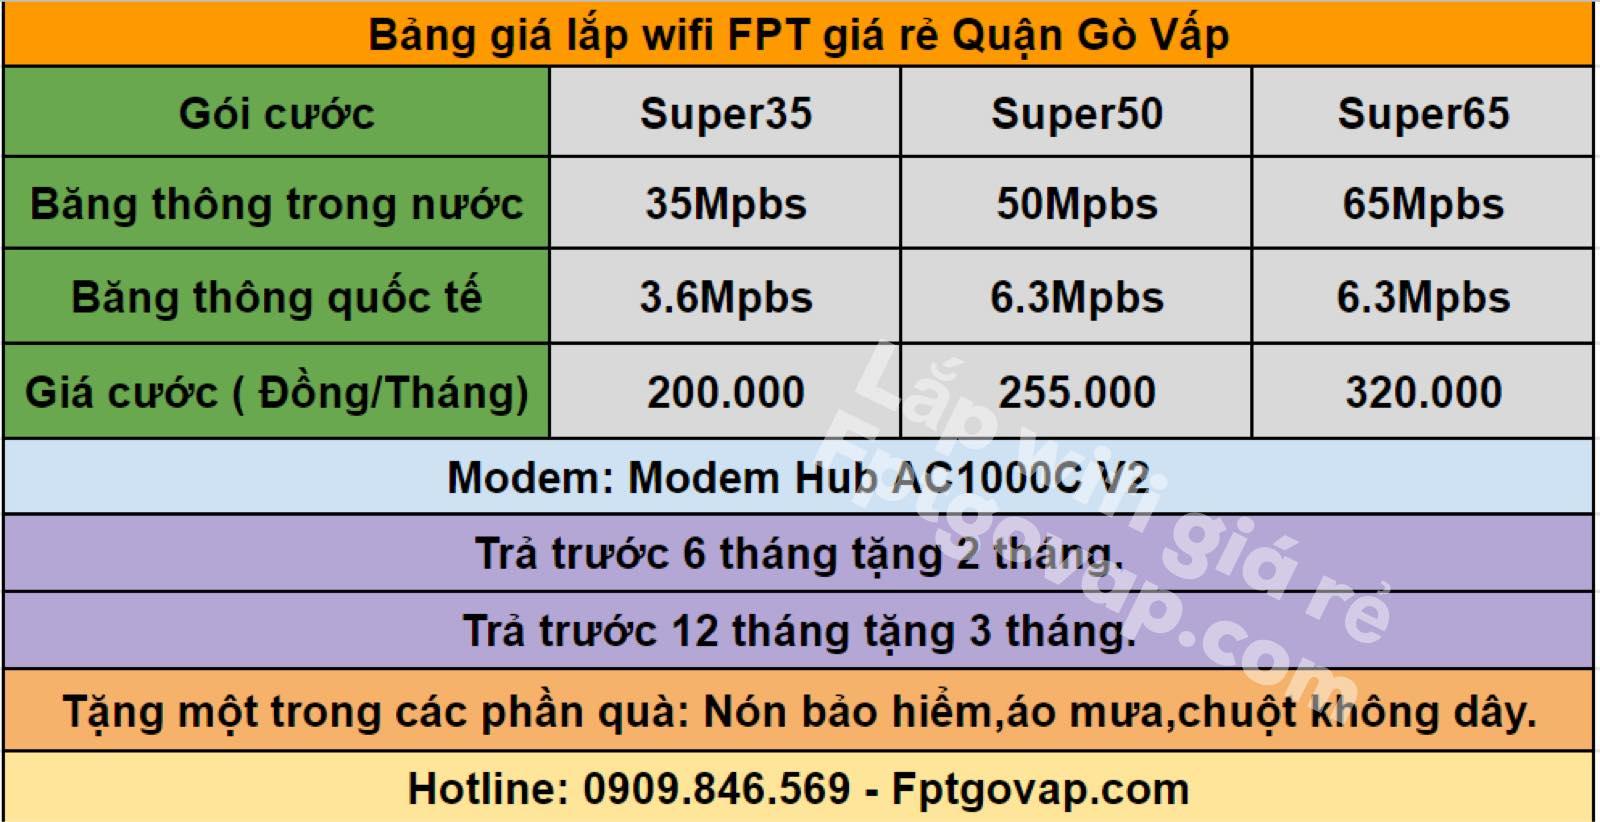 Bảng giá lắp mạng FPT ở Quận Gò Vấp.